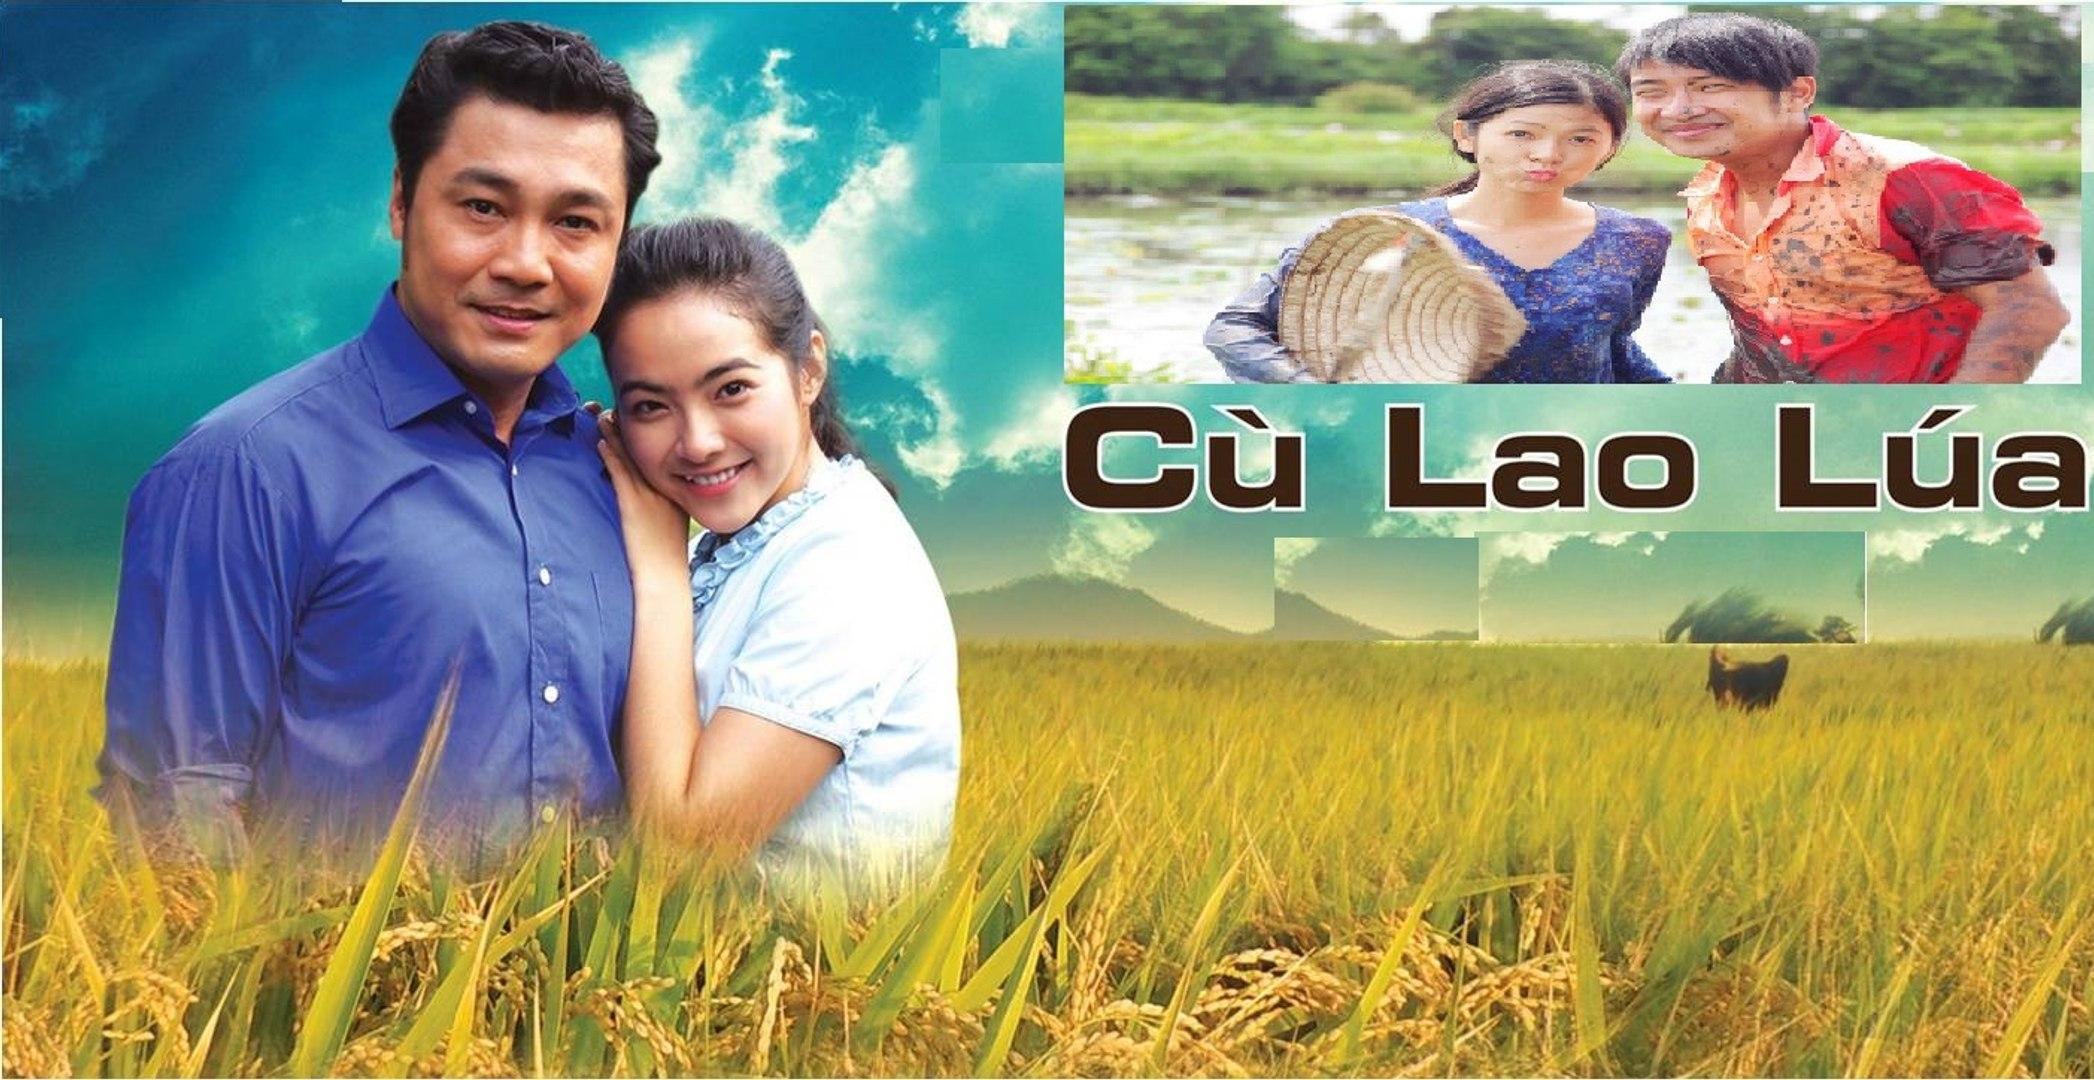 Phim Cù Lao Lúa Tập 9 - Phim Việt Nam - Phim Mới